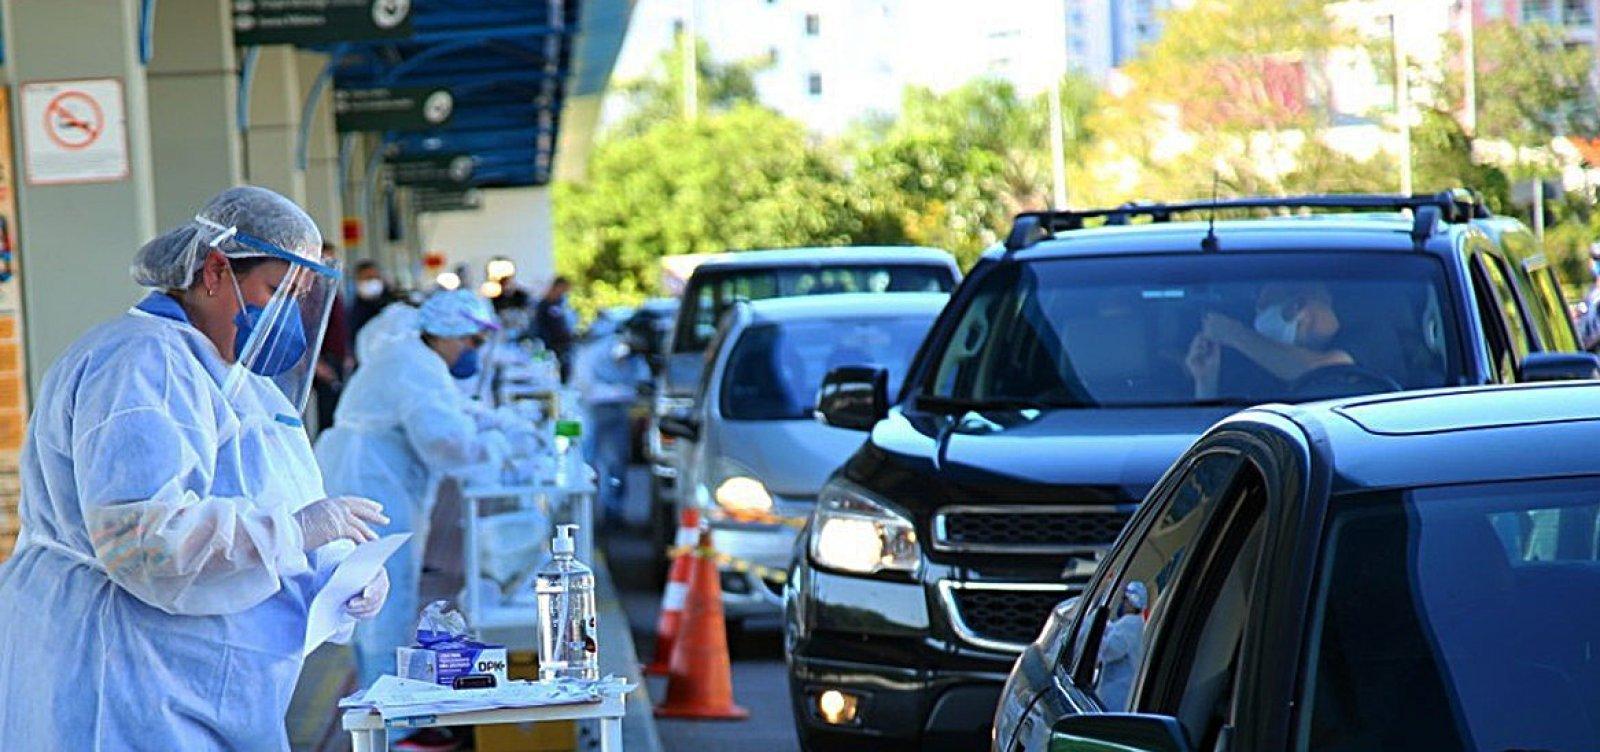 Após liminar, rodoviários começam a ser vacinados contra a Covid-19 em Salvador